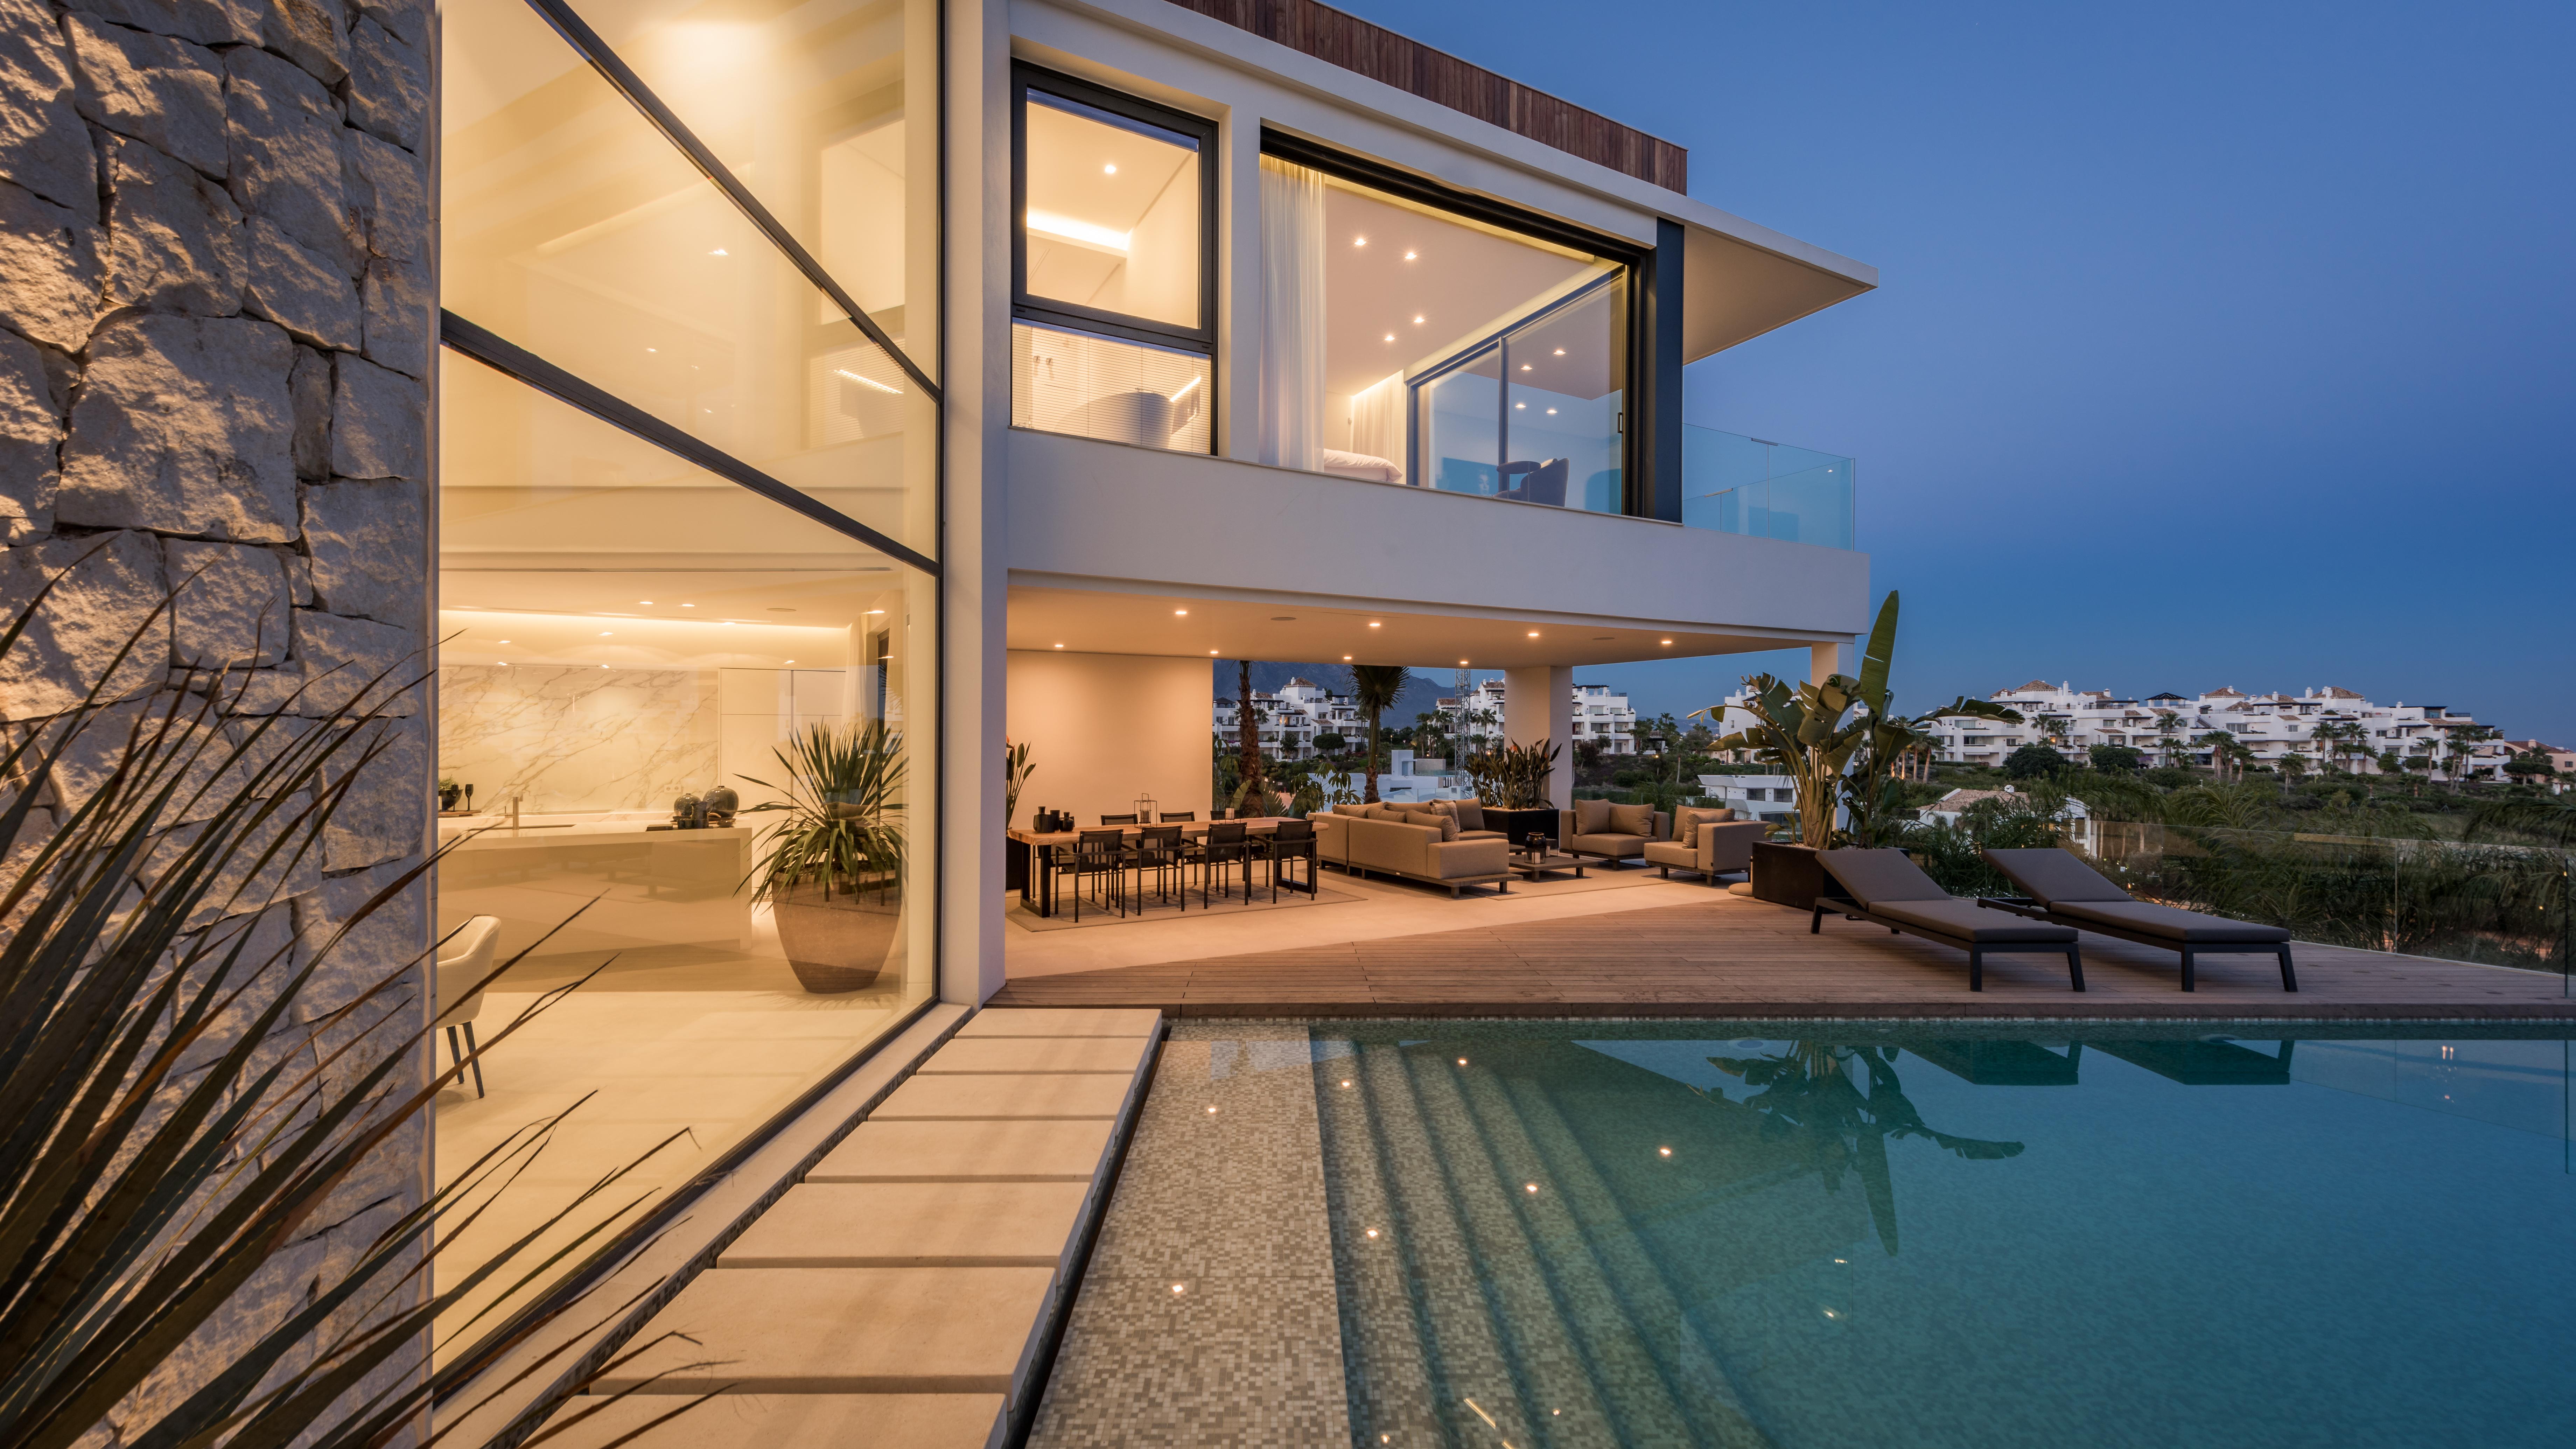 Ref:359-00060P Villa For Sale in Benahavis